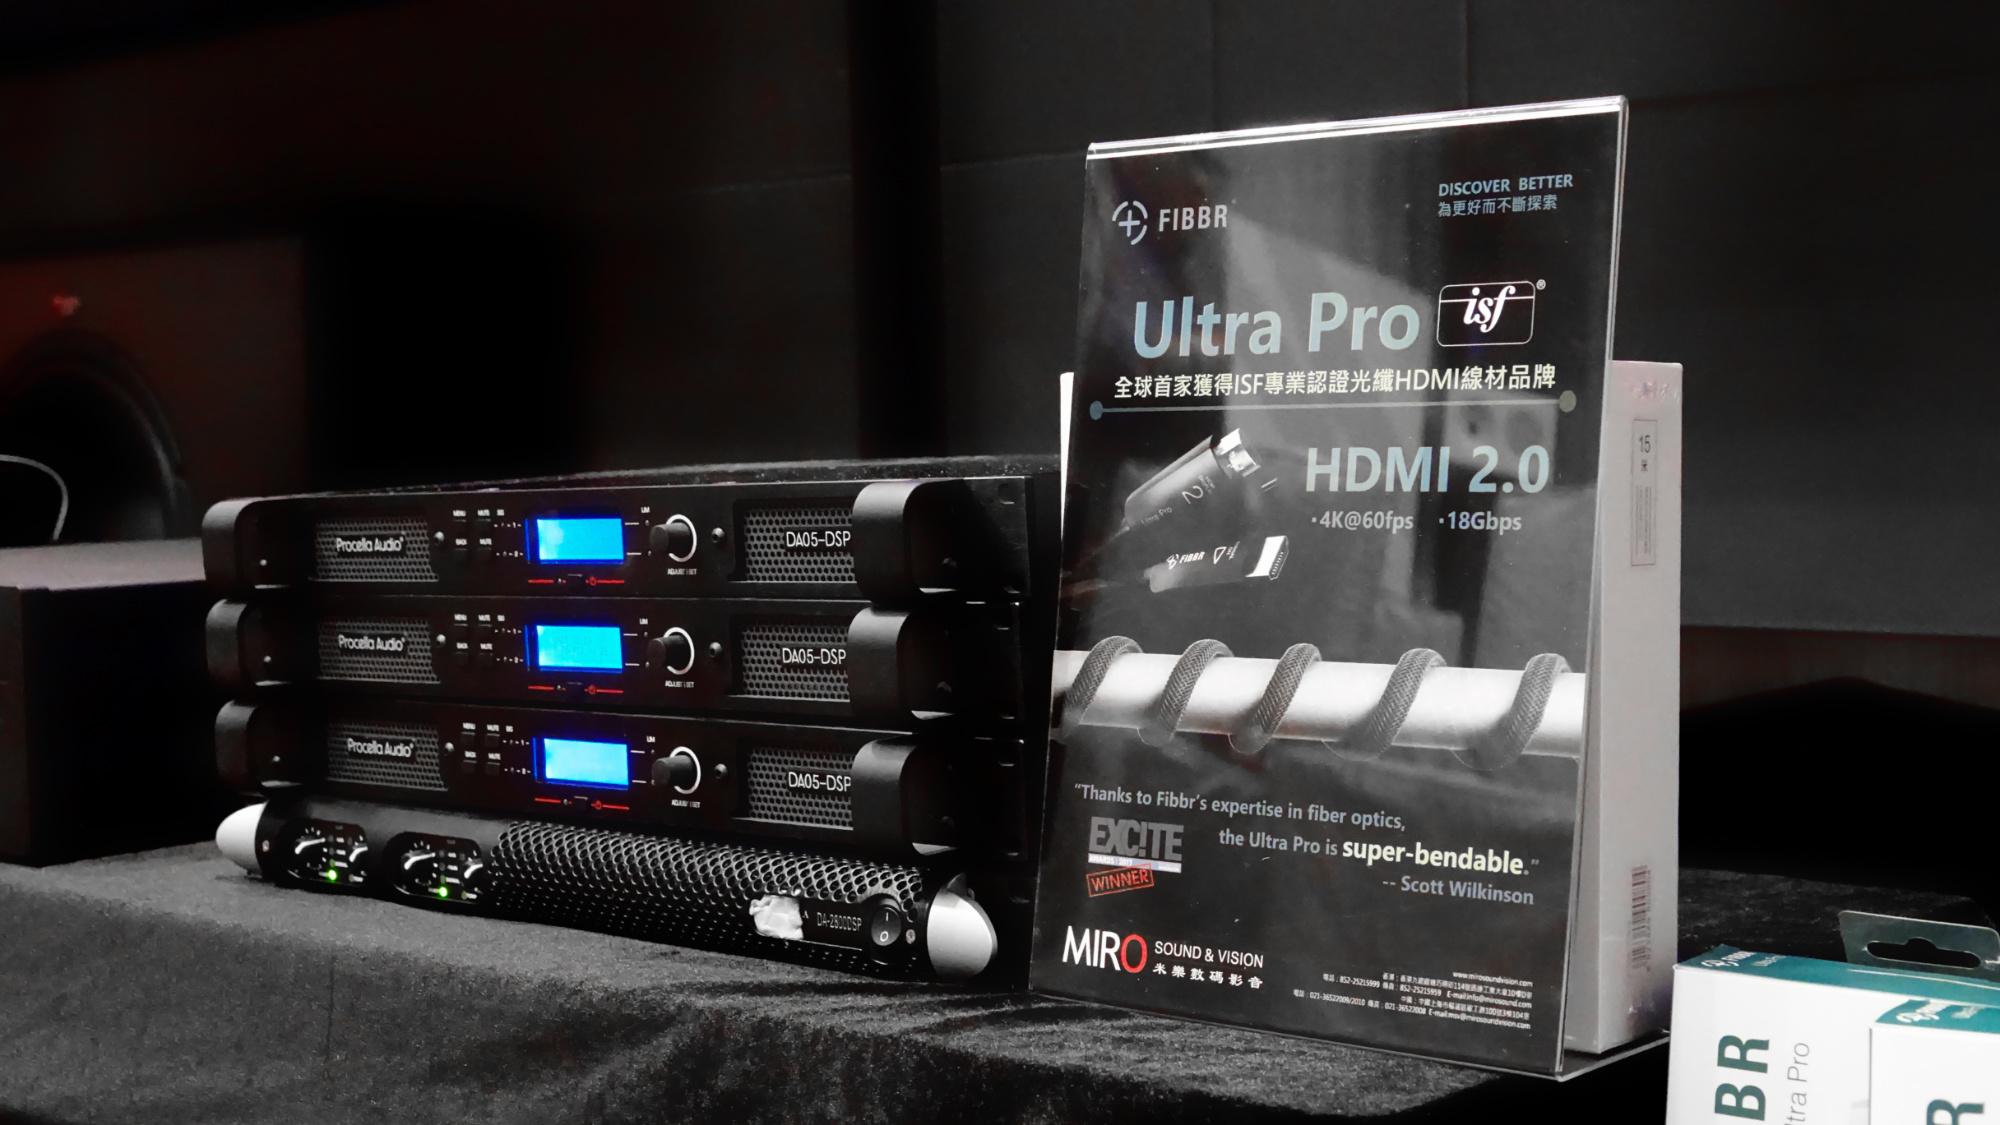 2018010819073628 - 现场 | 米乐影音携Trinnov Audio最新Altitude 16声道处理前级,亮相中国影音嘉年华!